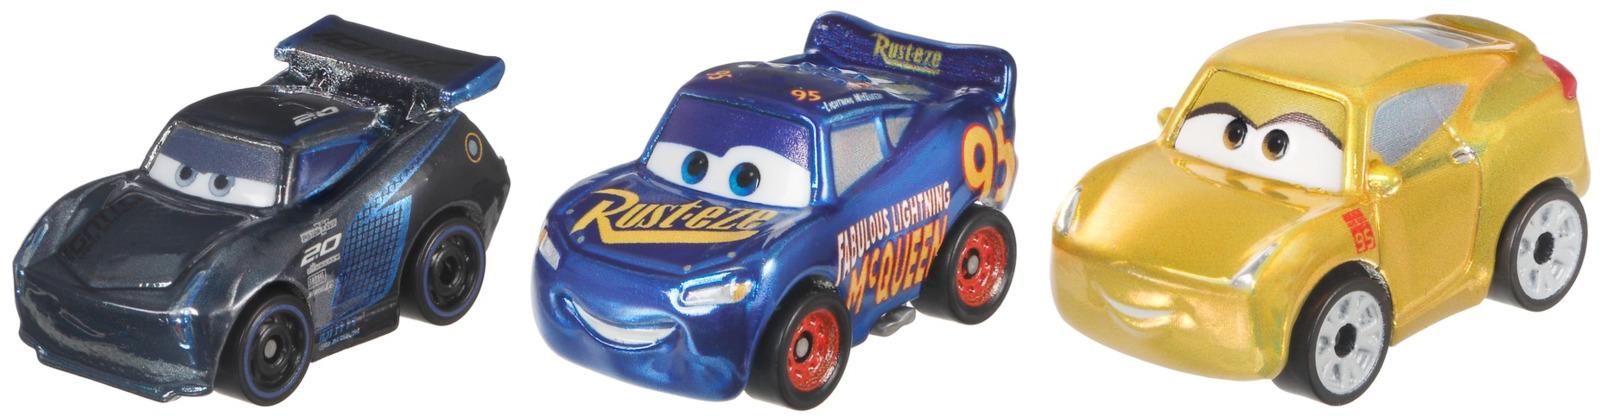 Трековые машинки Cars Мини-машинки. Металлик, 3 шт чемякина в машинки